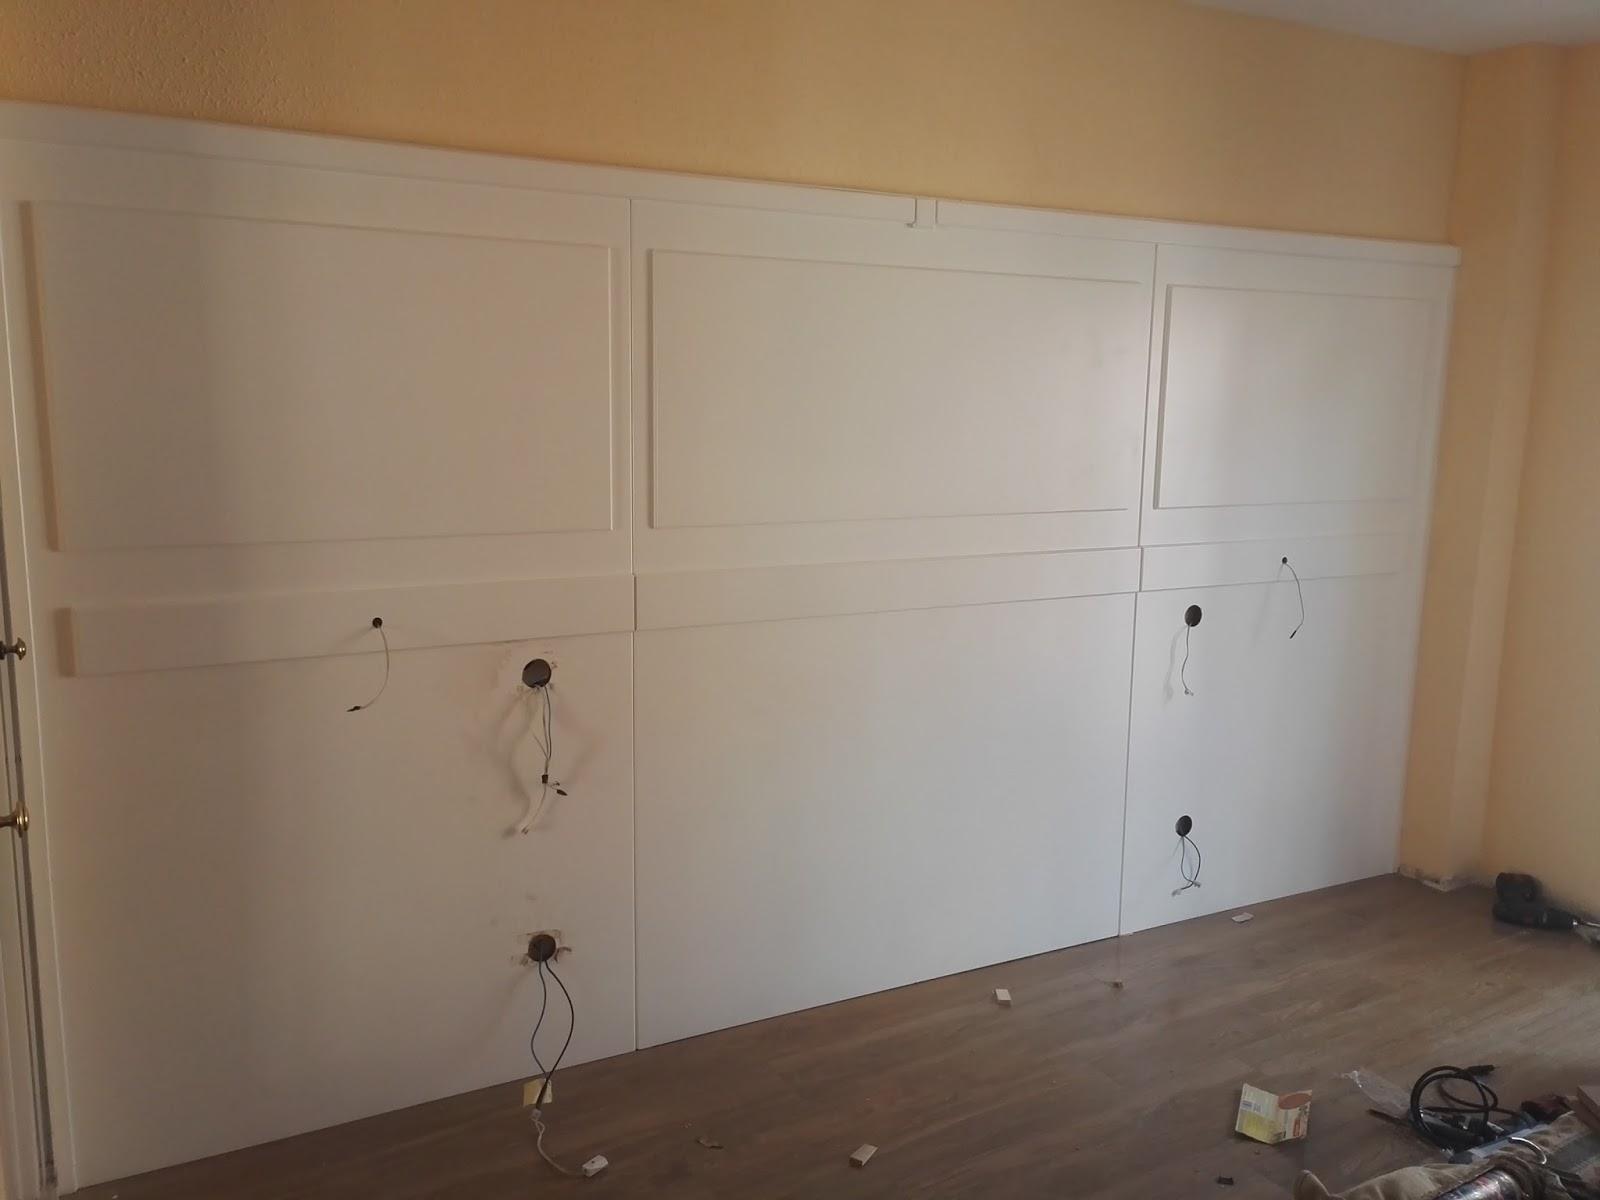 Muebles a medida panelado de pared para cabecero camas lacado en blanco - Panelado de paredes ...